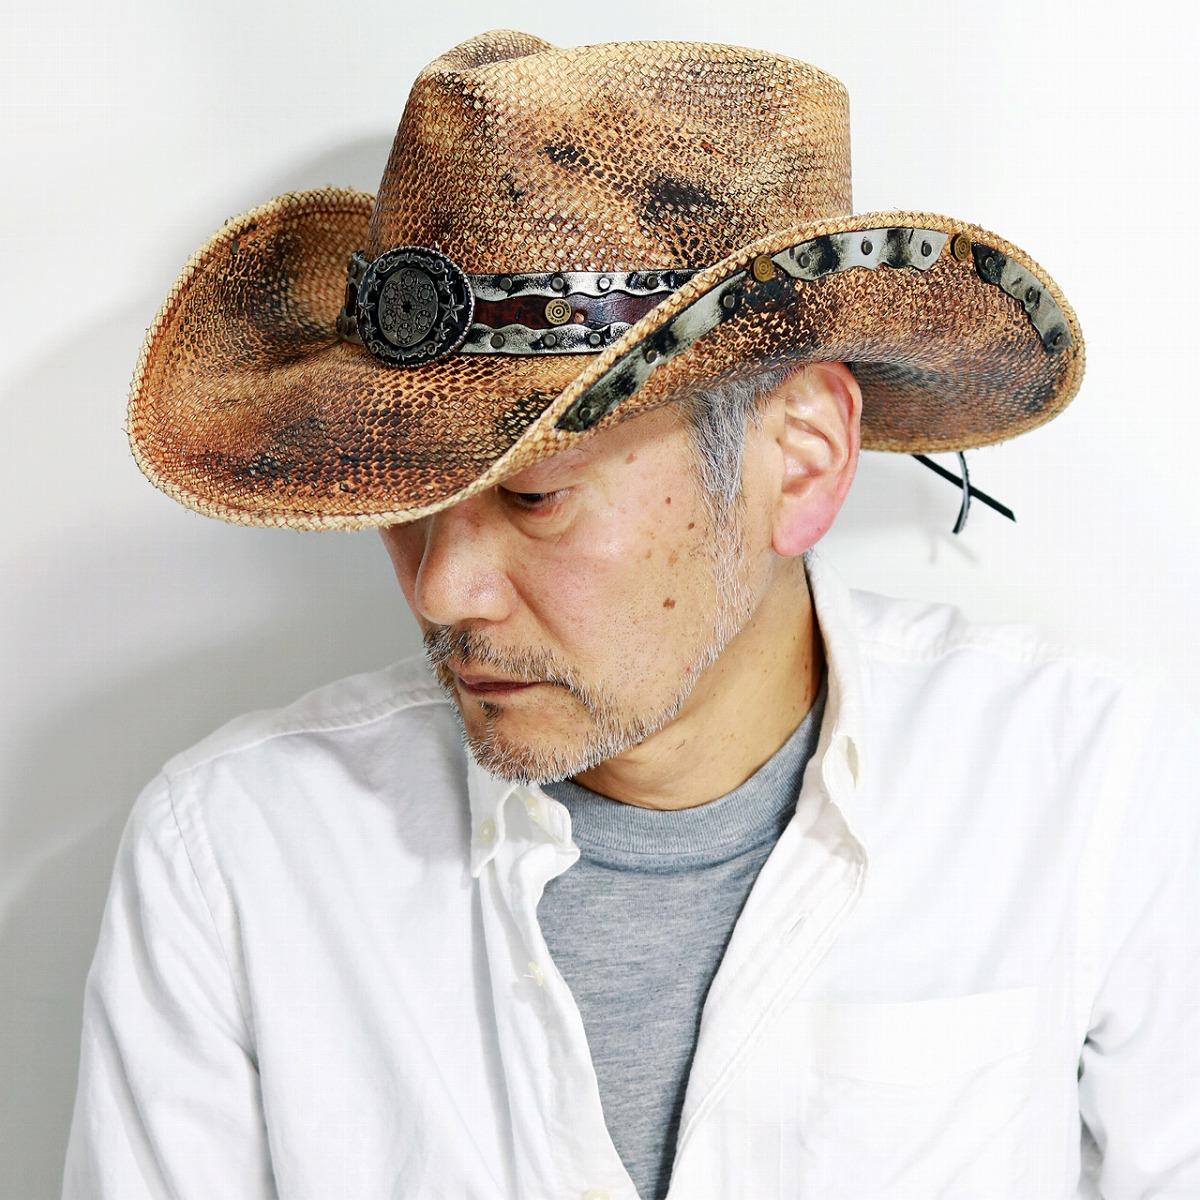 カウボーイ ハット 春夏 パナマ ウエスタン パナマハット スタッズ メンズ 帽子 日除け テンガロン ストローハット 茶色 California Hat Company Inc. Stampede Hat スタンピードハット ビンテージ風 麦わら帽 つば広 ワイヤー入り / ティー [ cowboy hat ] [ panama hat ]